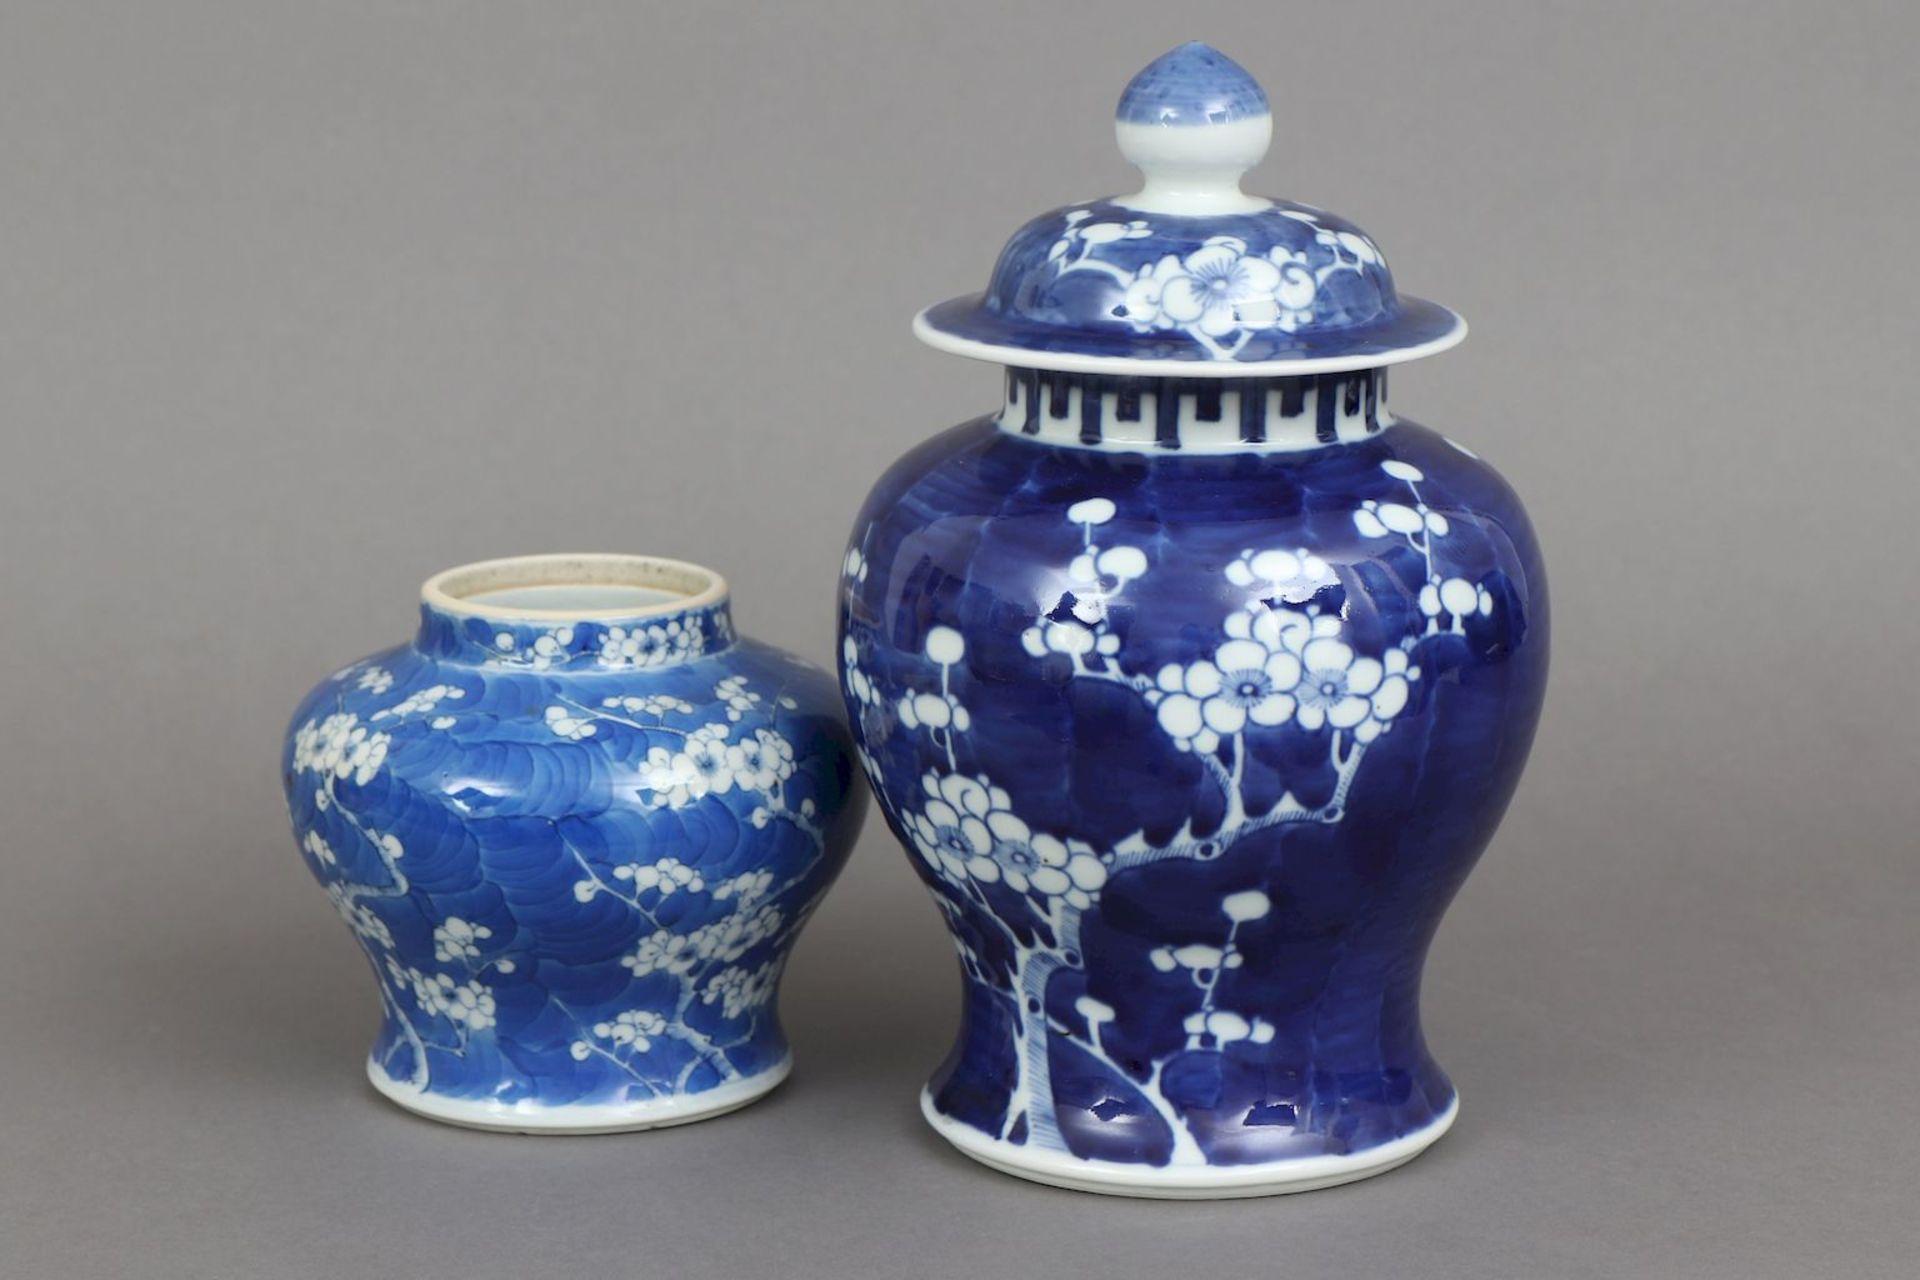 2 chinesische Vorratsgefäße - Image 2 of 4